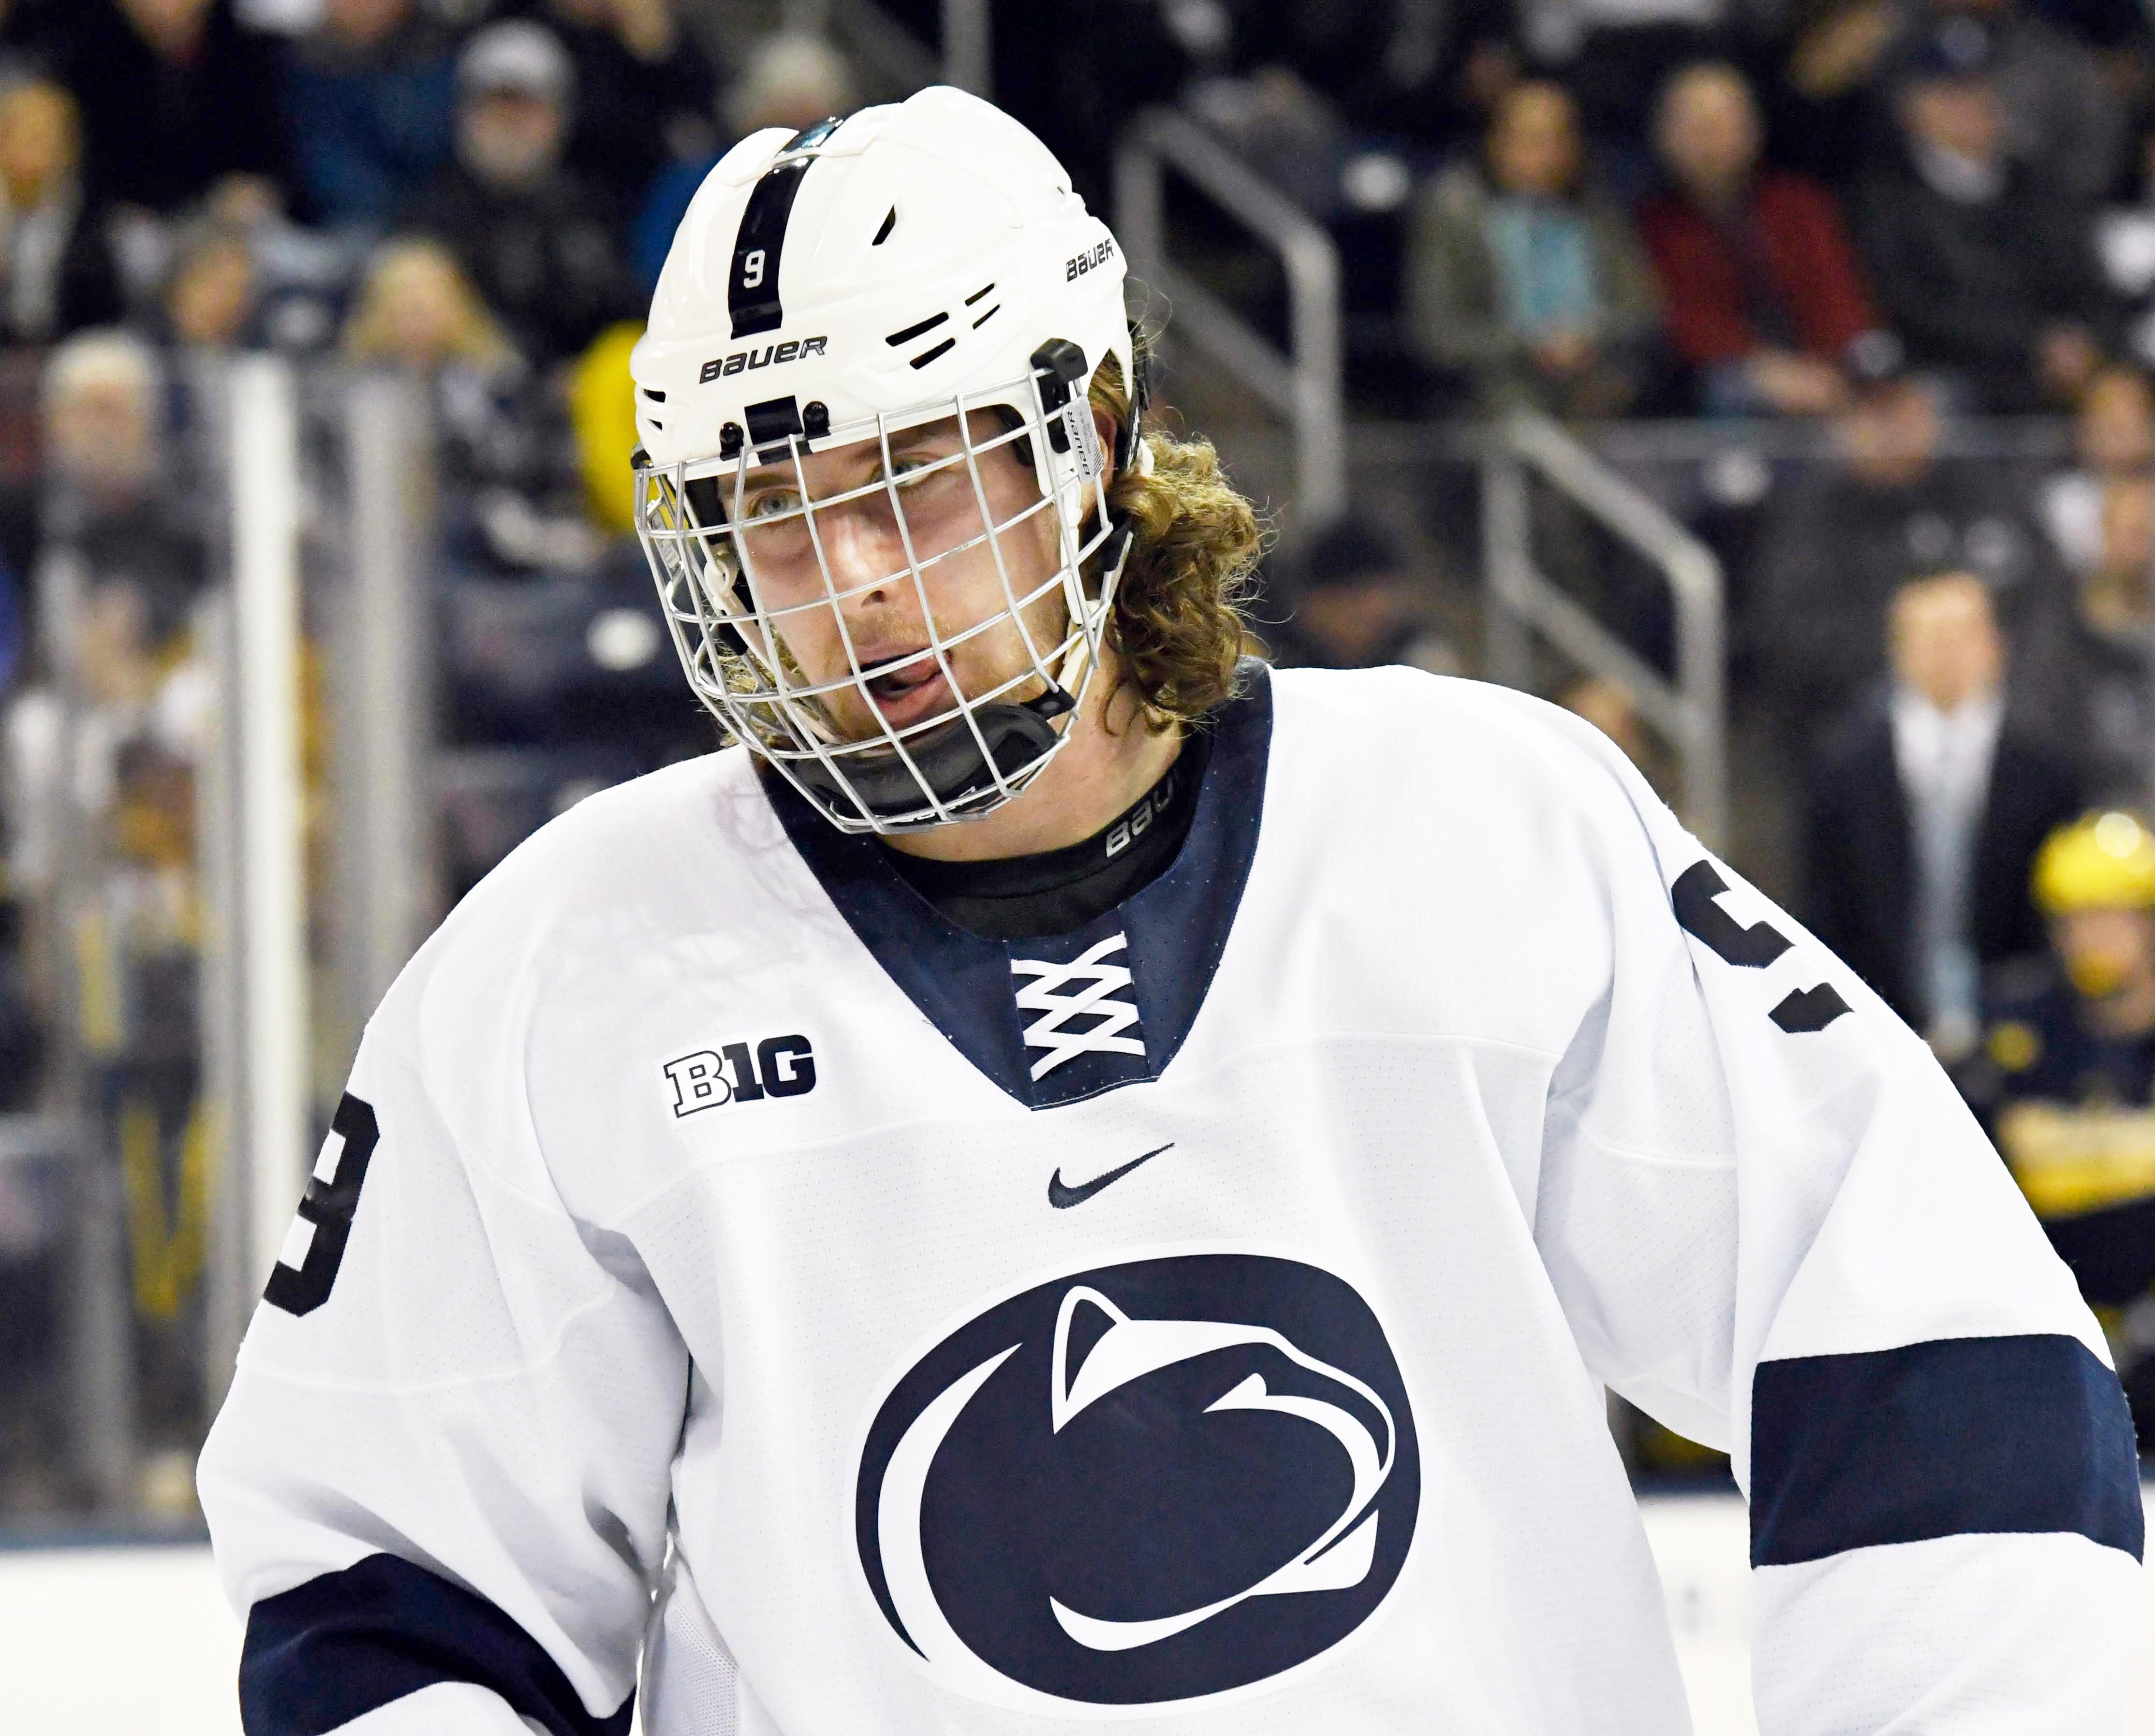 Penn State Men's Hockey 2020-21